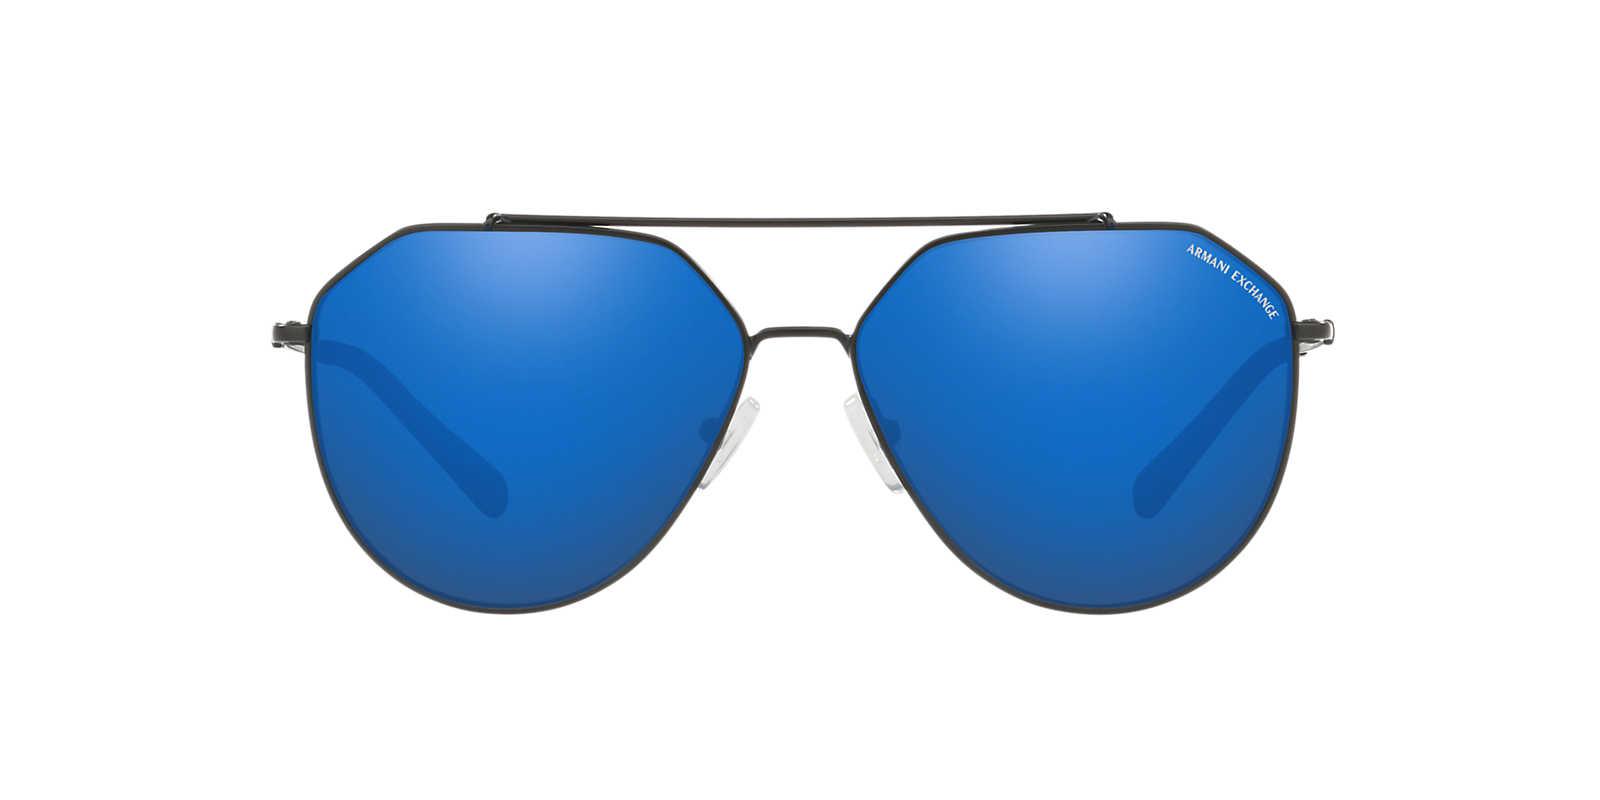 59b96f2a1682e Oculos De Sol Armani Exchange Masculino Preço « One More Soul